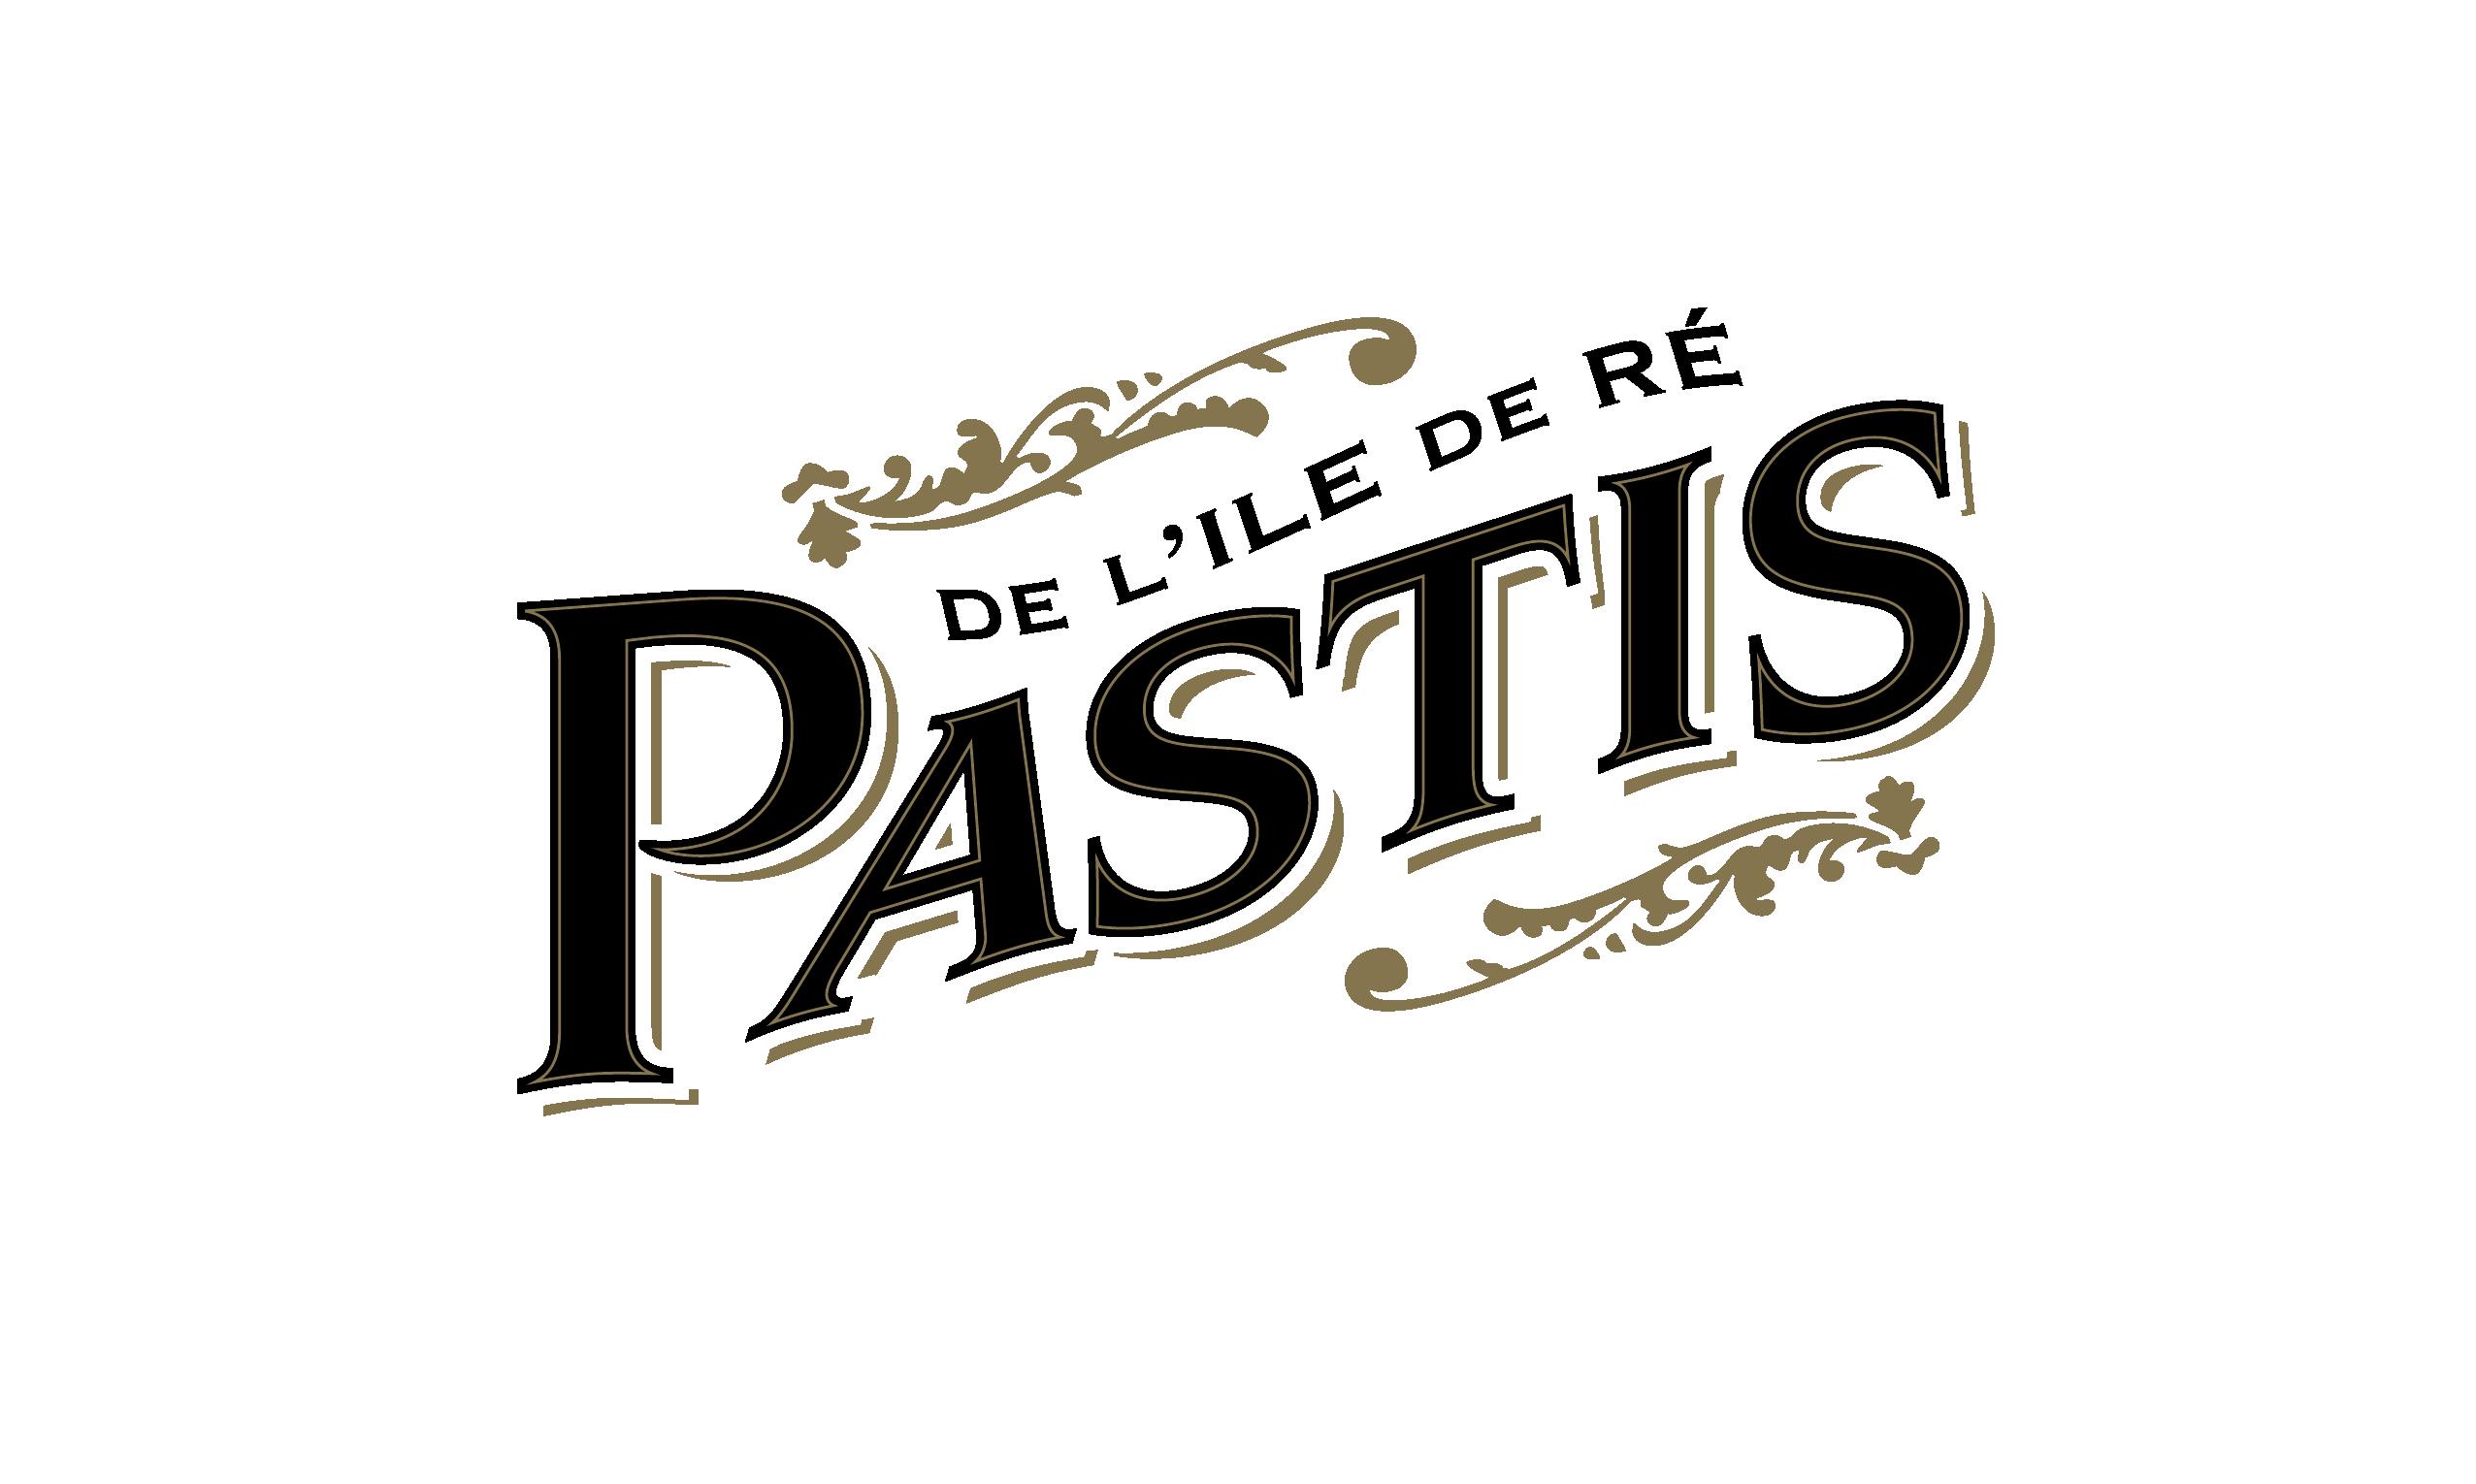 14.Logo Pastis de l'île de Ré OK